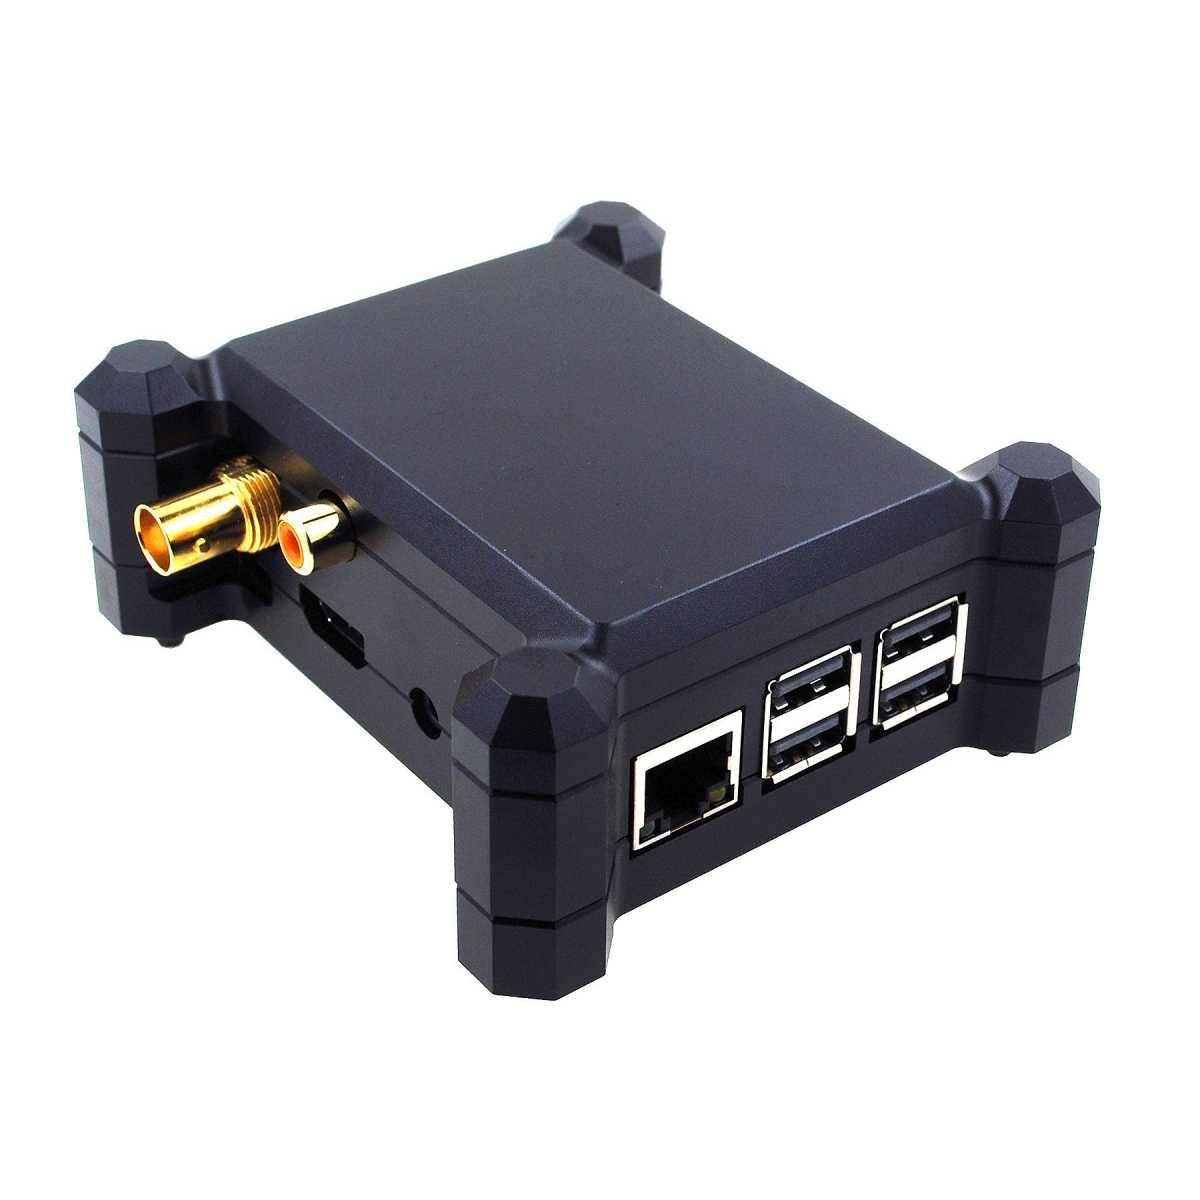 ALLO DIGIONE PLAYER Lecteur Réseau Raspberry Pi 3B+ Interface Numérique Allo DigiOne Volumio Pré-Installé Boîtier Aluminium